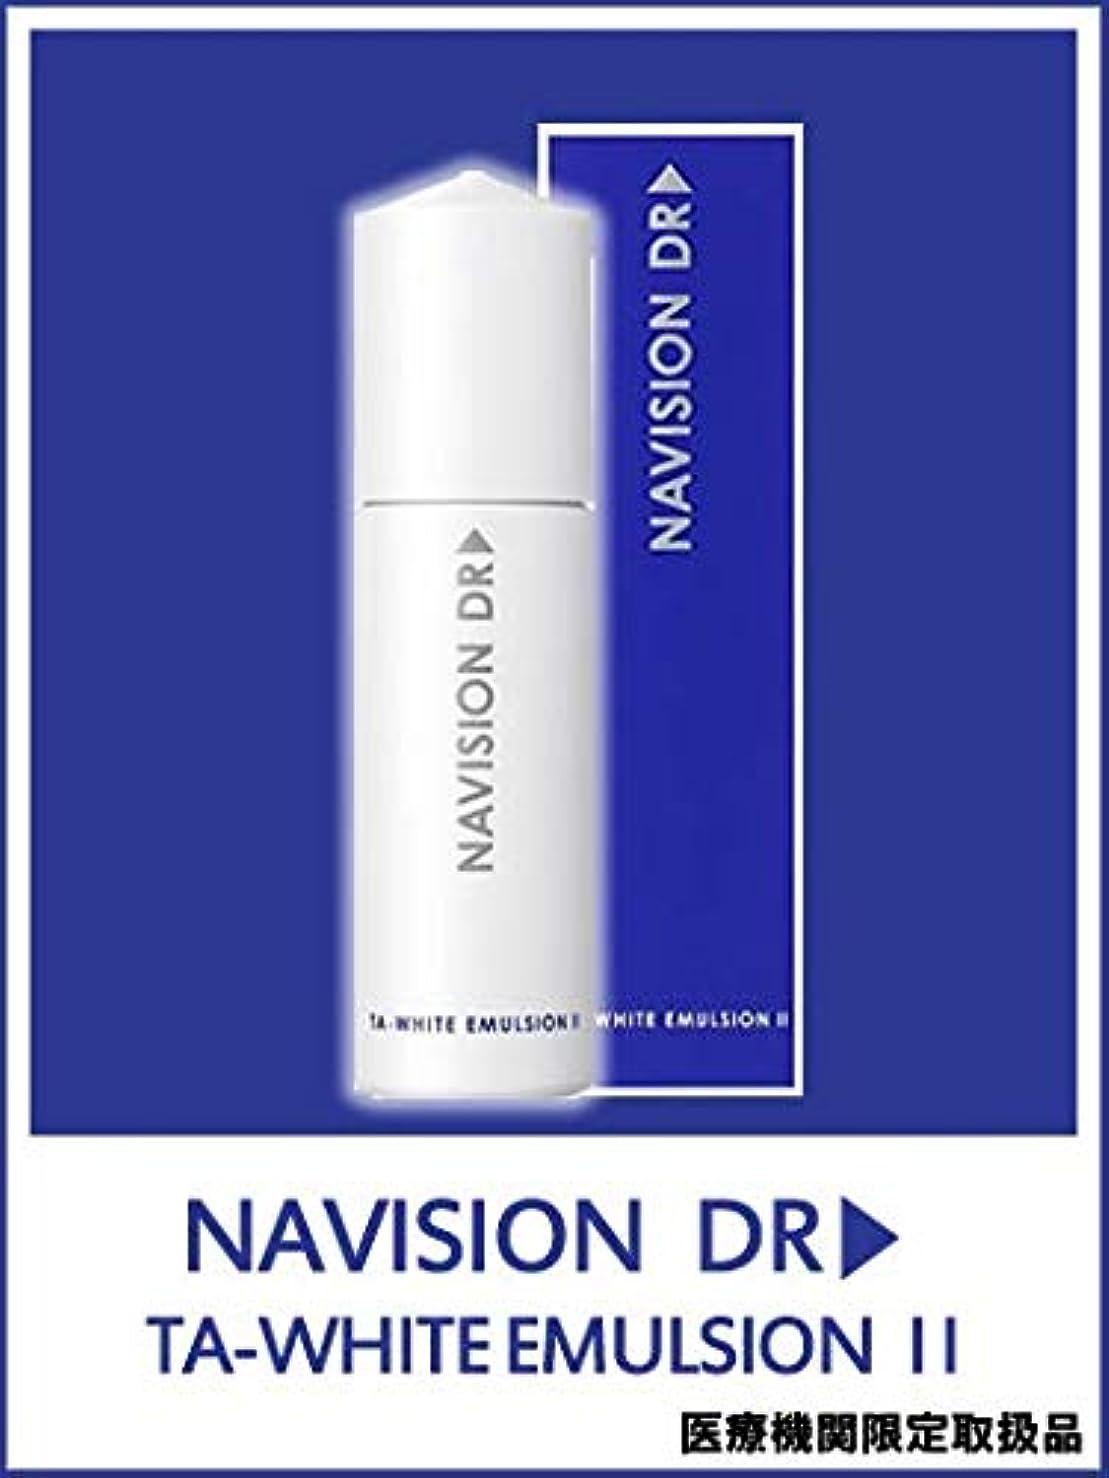 ニュージーランド損傷達成するNAVISION DR? ナビジョンDR TAホワイトエマルジョンⅡnしっとりうるおうタイプ(医薬部外品) 120mL